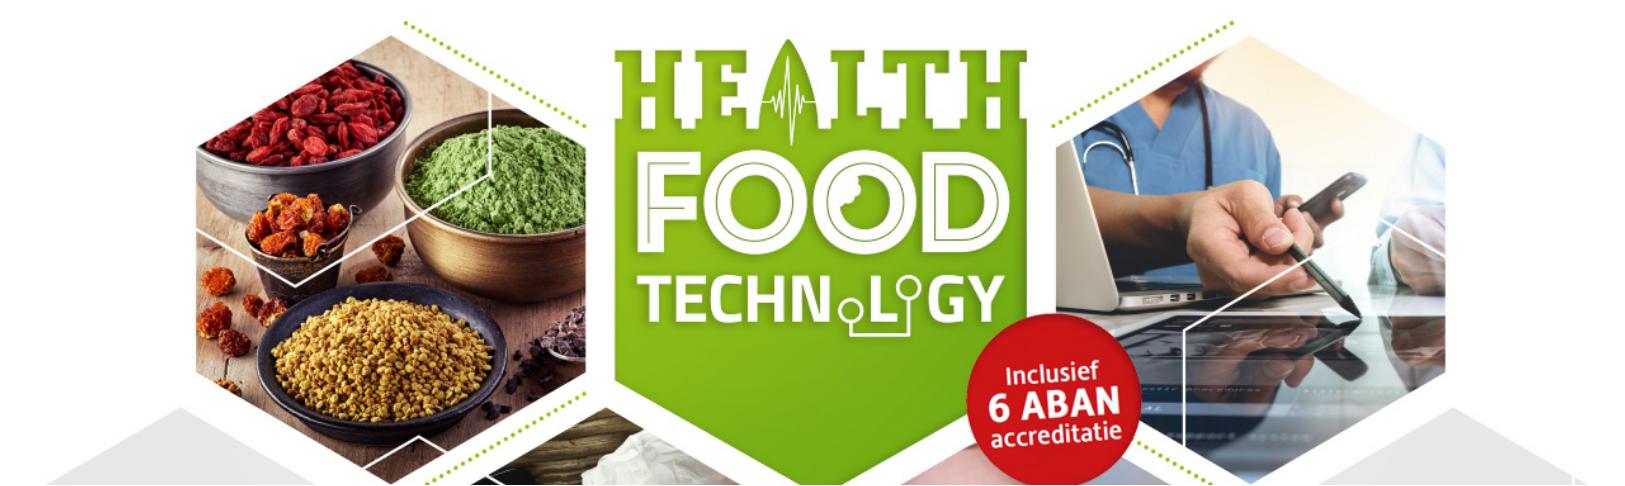 Meld je aan voor het Health Food & Technology event